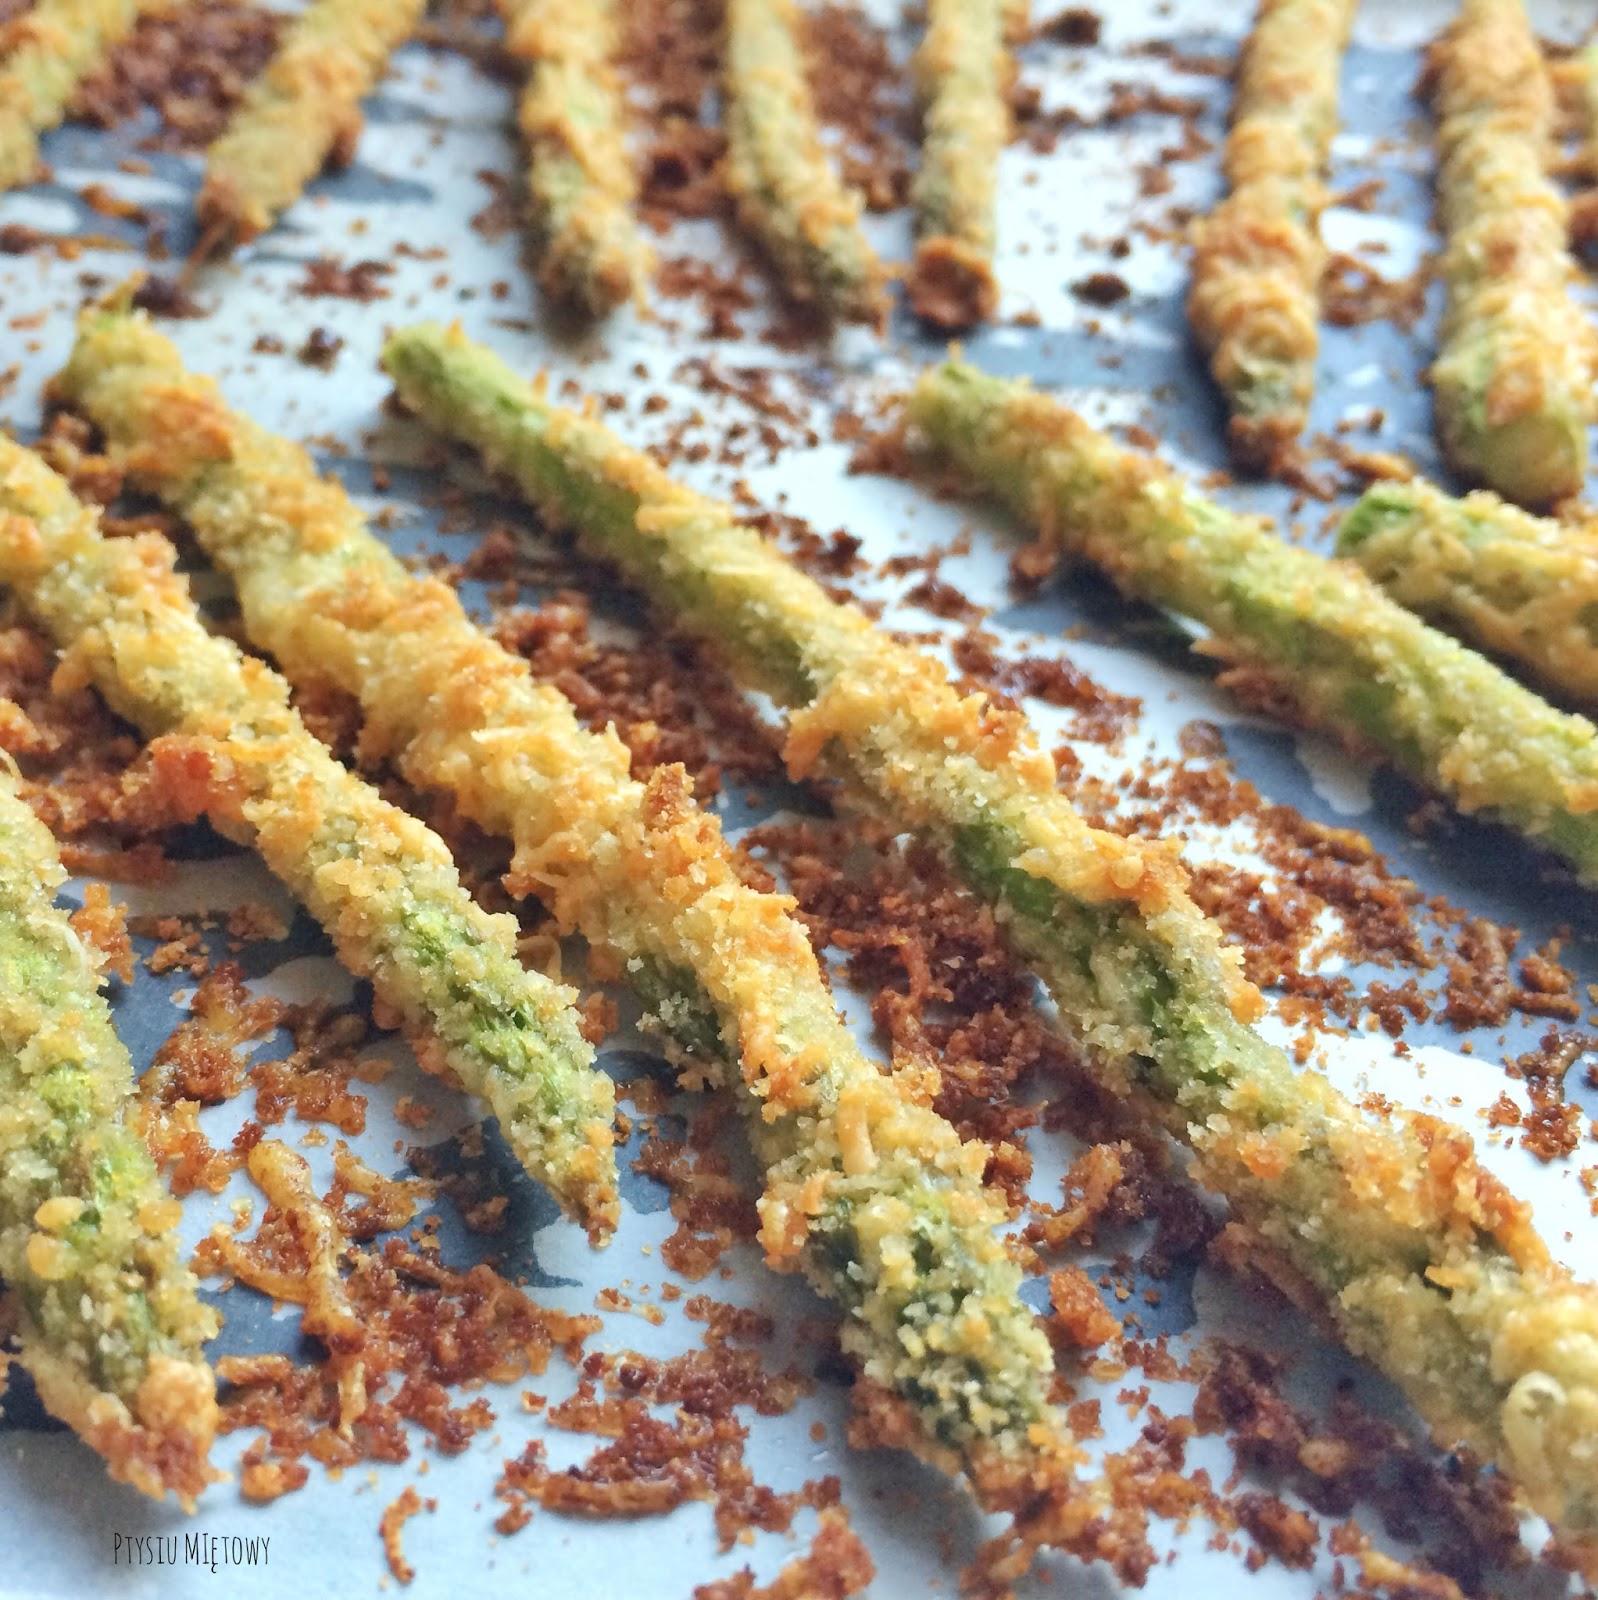 szparagi w parmezanie, ptysiu mietowy